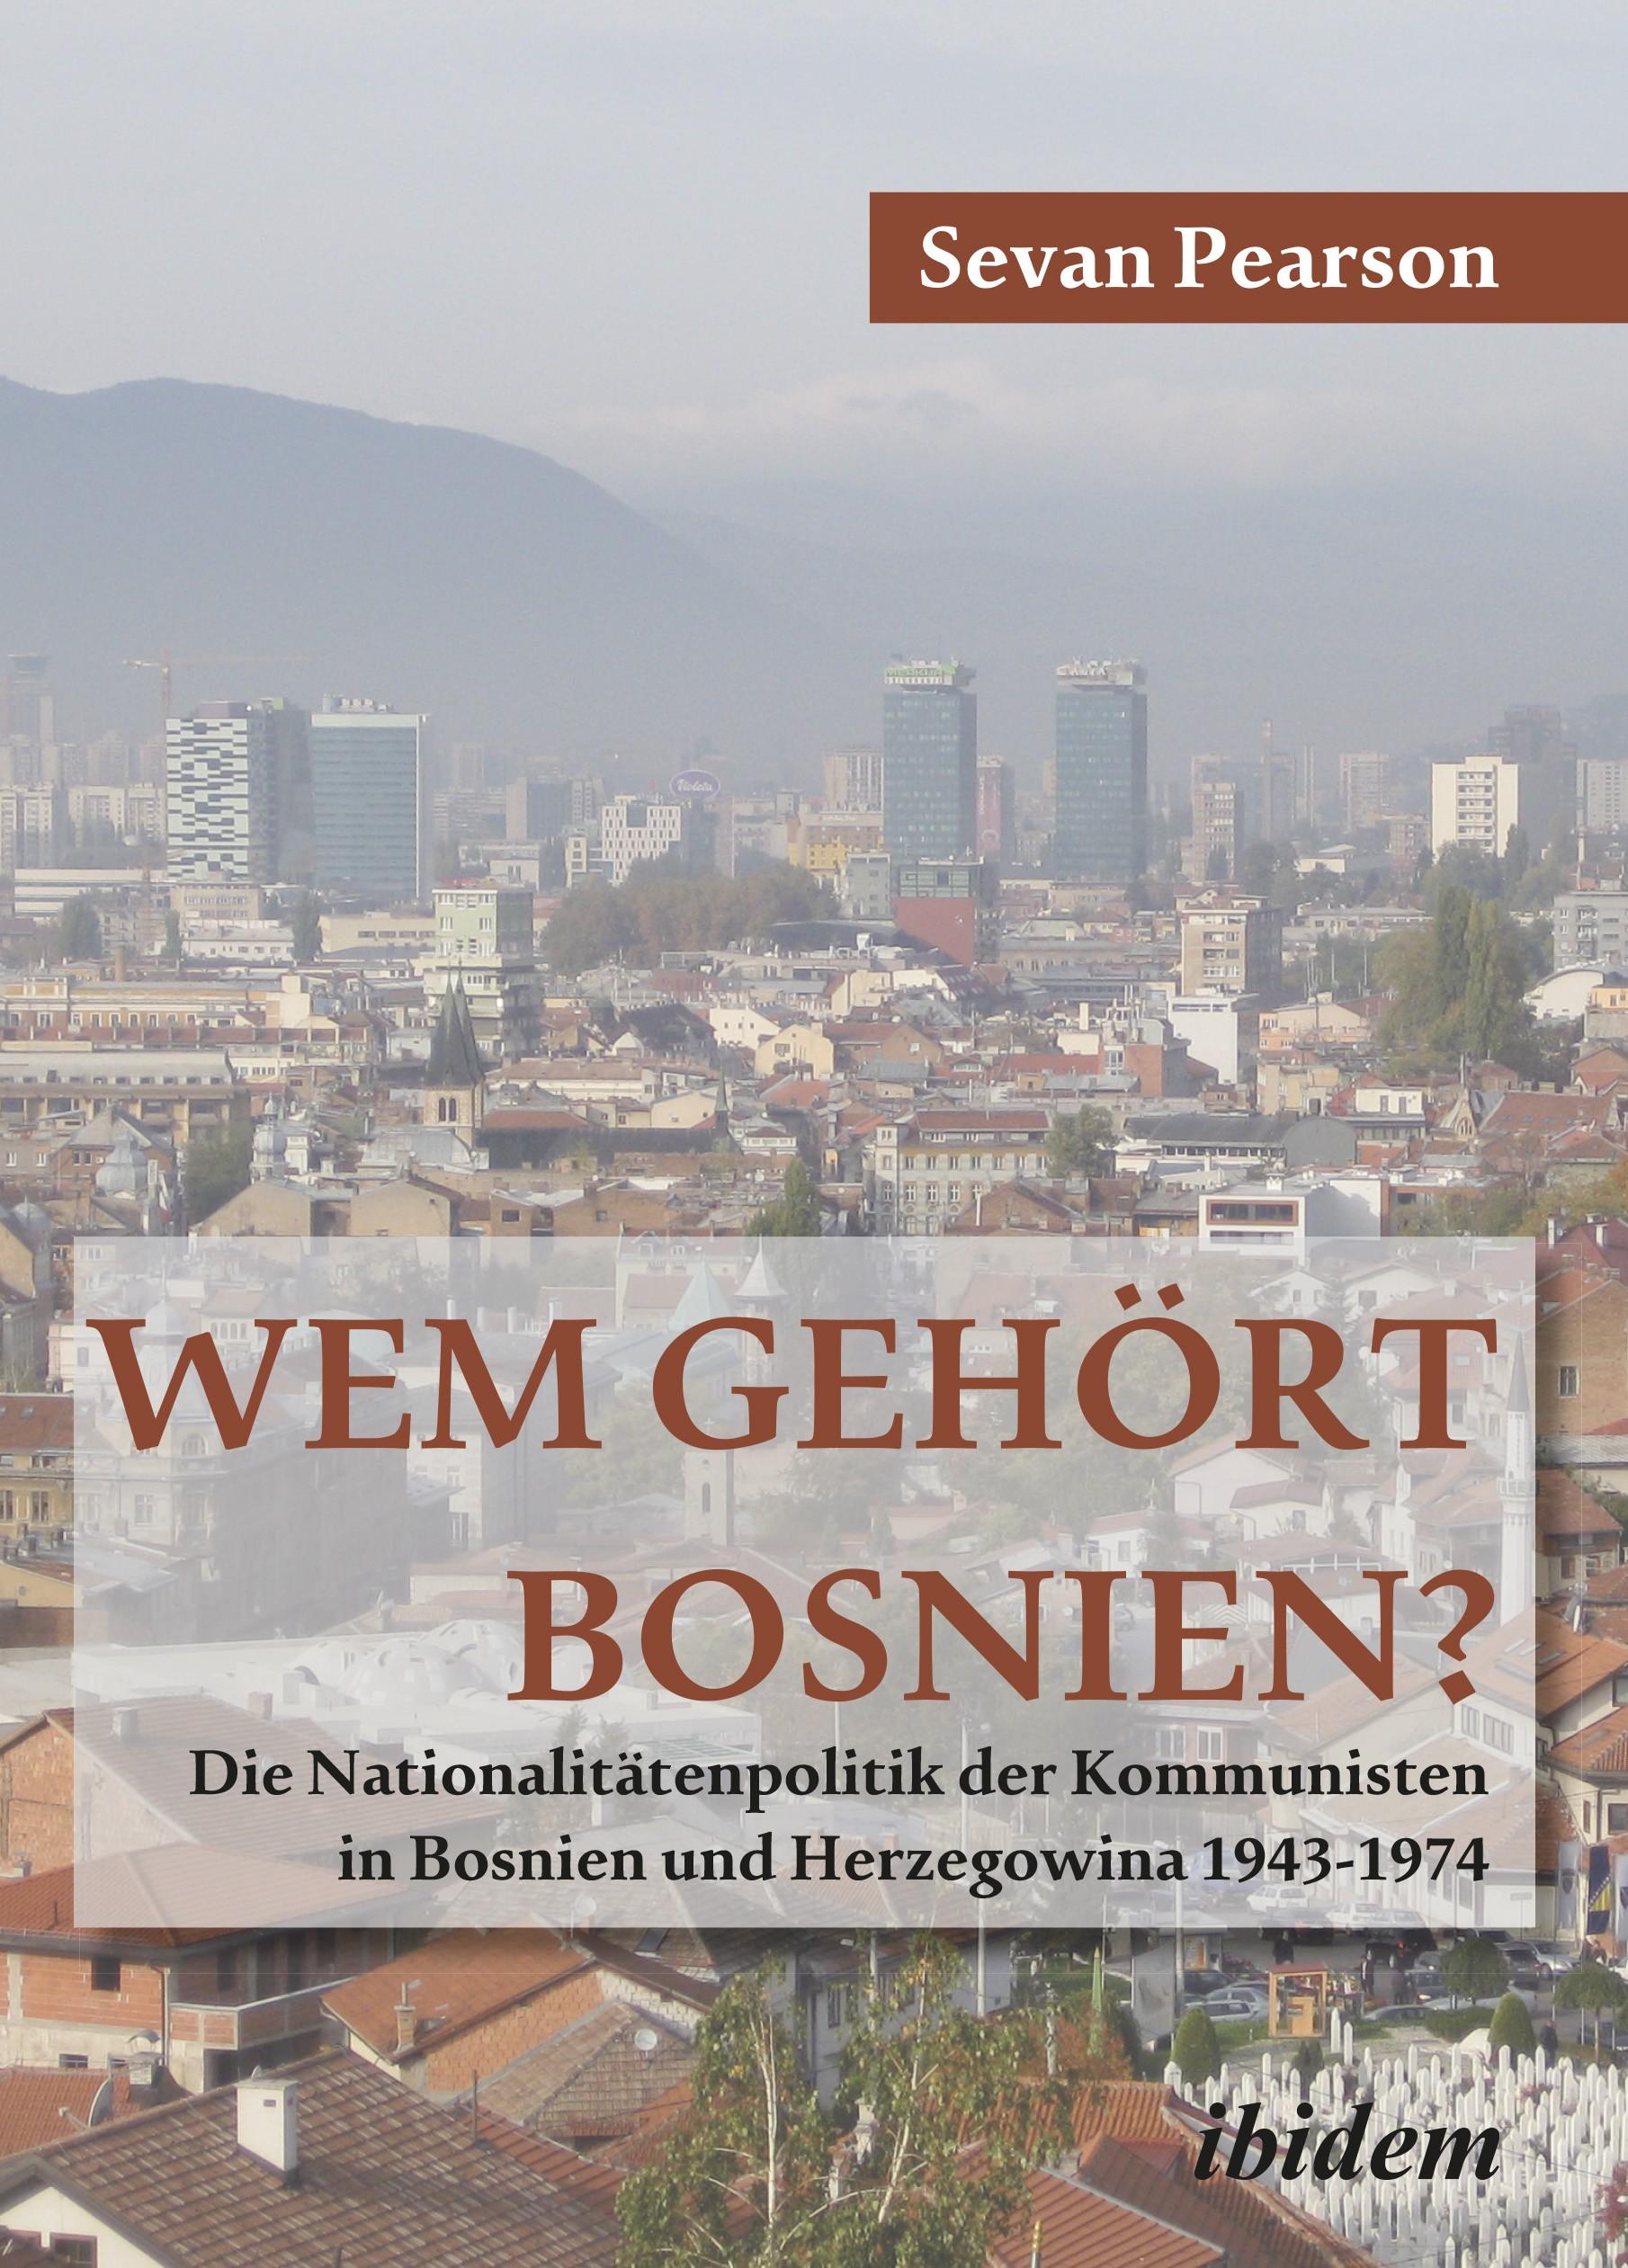 Wem gehört Bosnien?